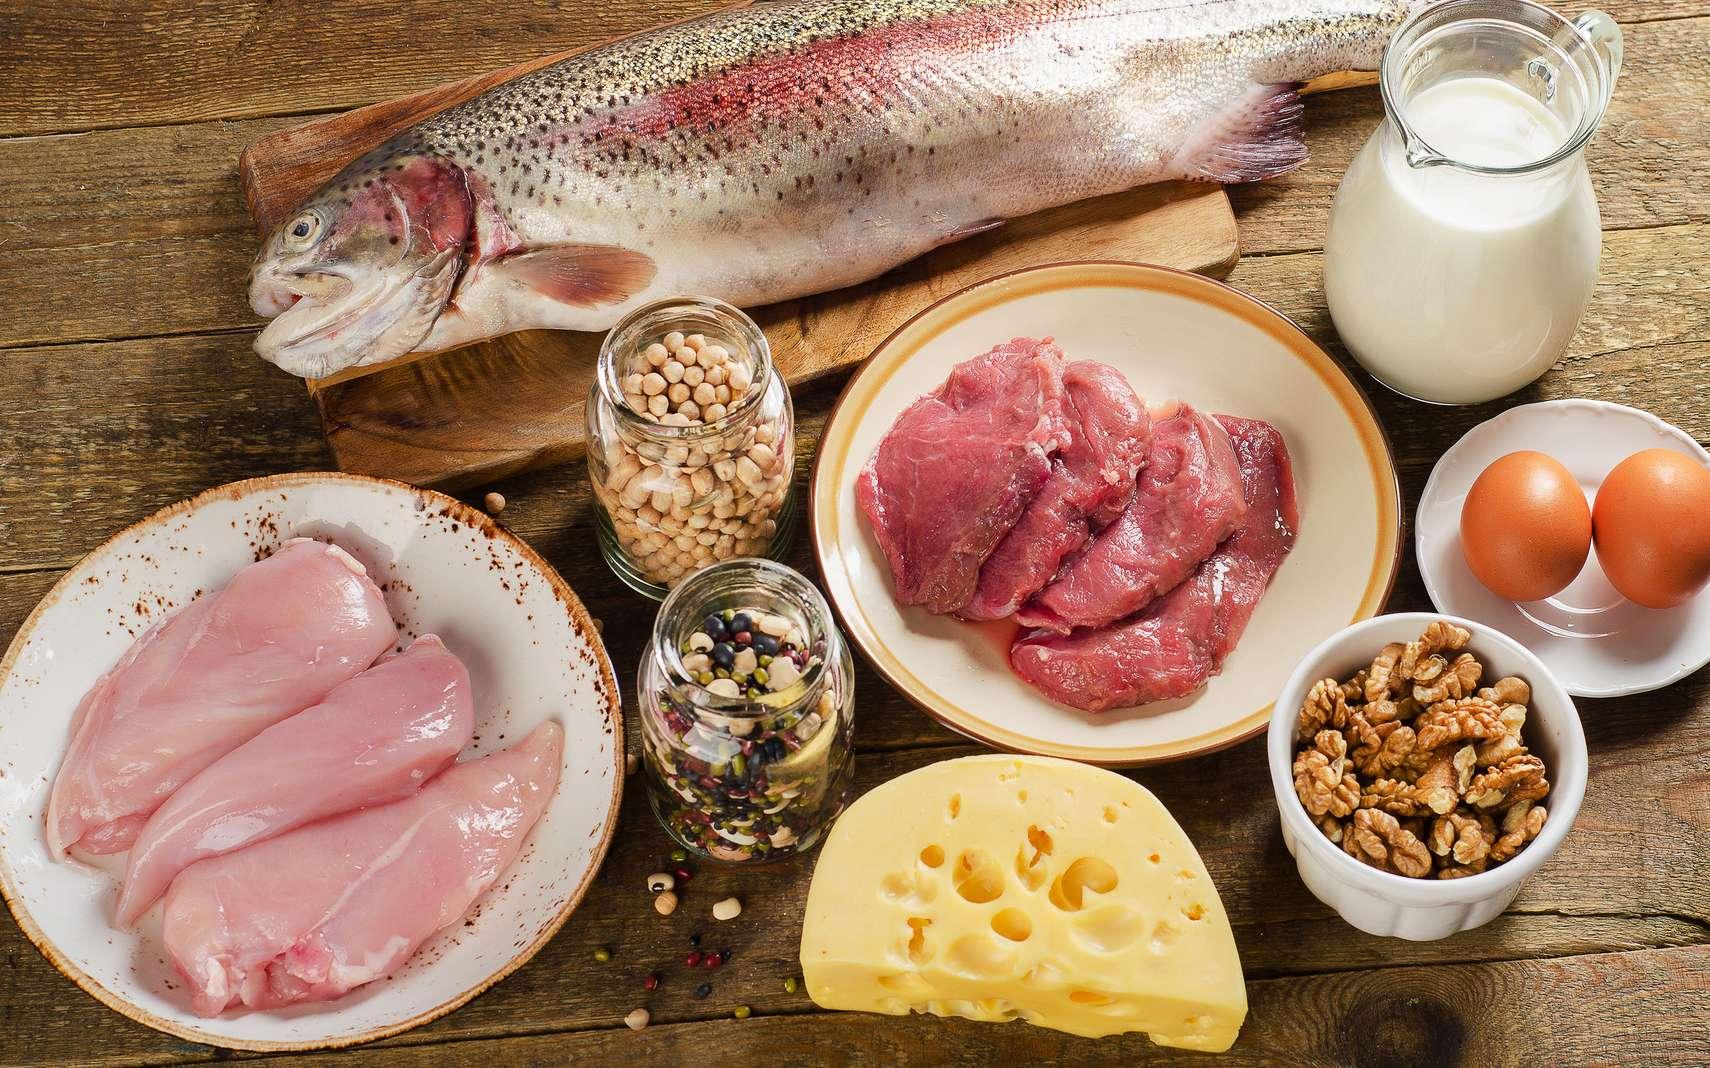 Quels aliments contiennent le plus de protéines ? Le fromage, la viande rouge, la viande blanche, le poisson, les légumineuses ? © bit24, fotolia